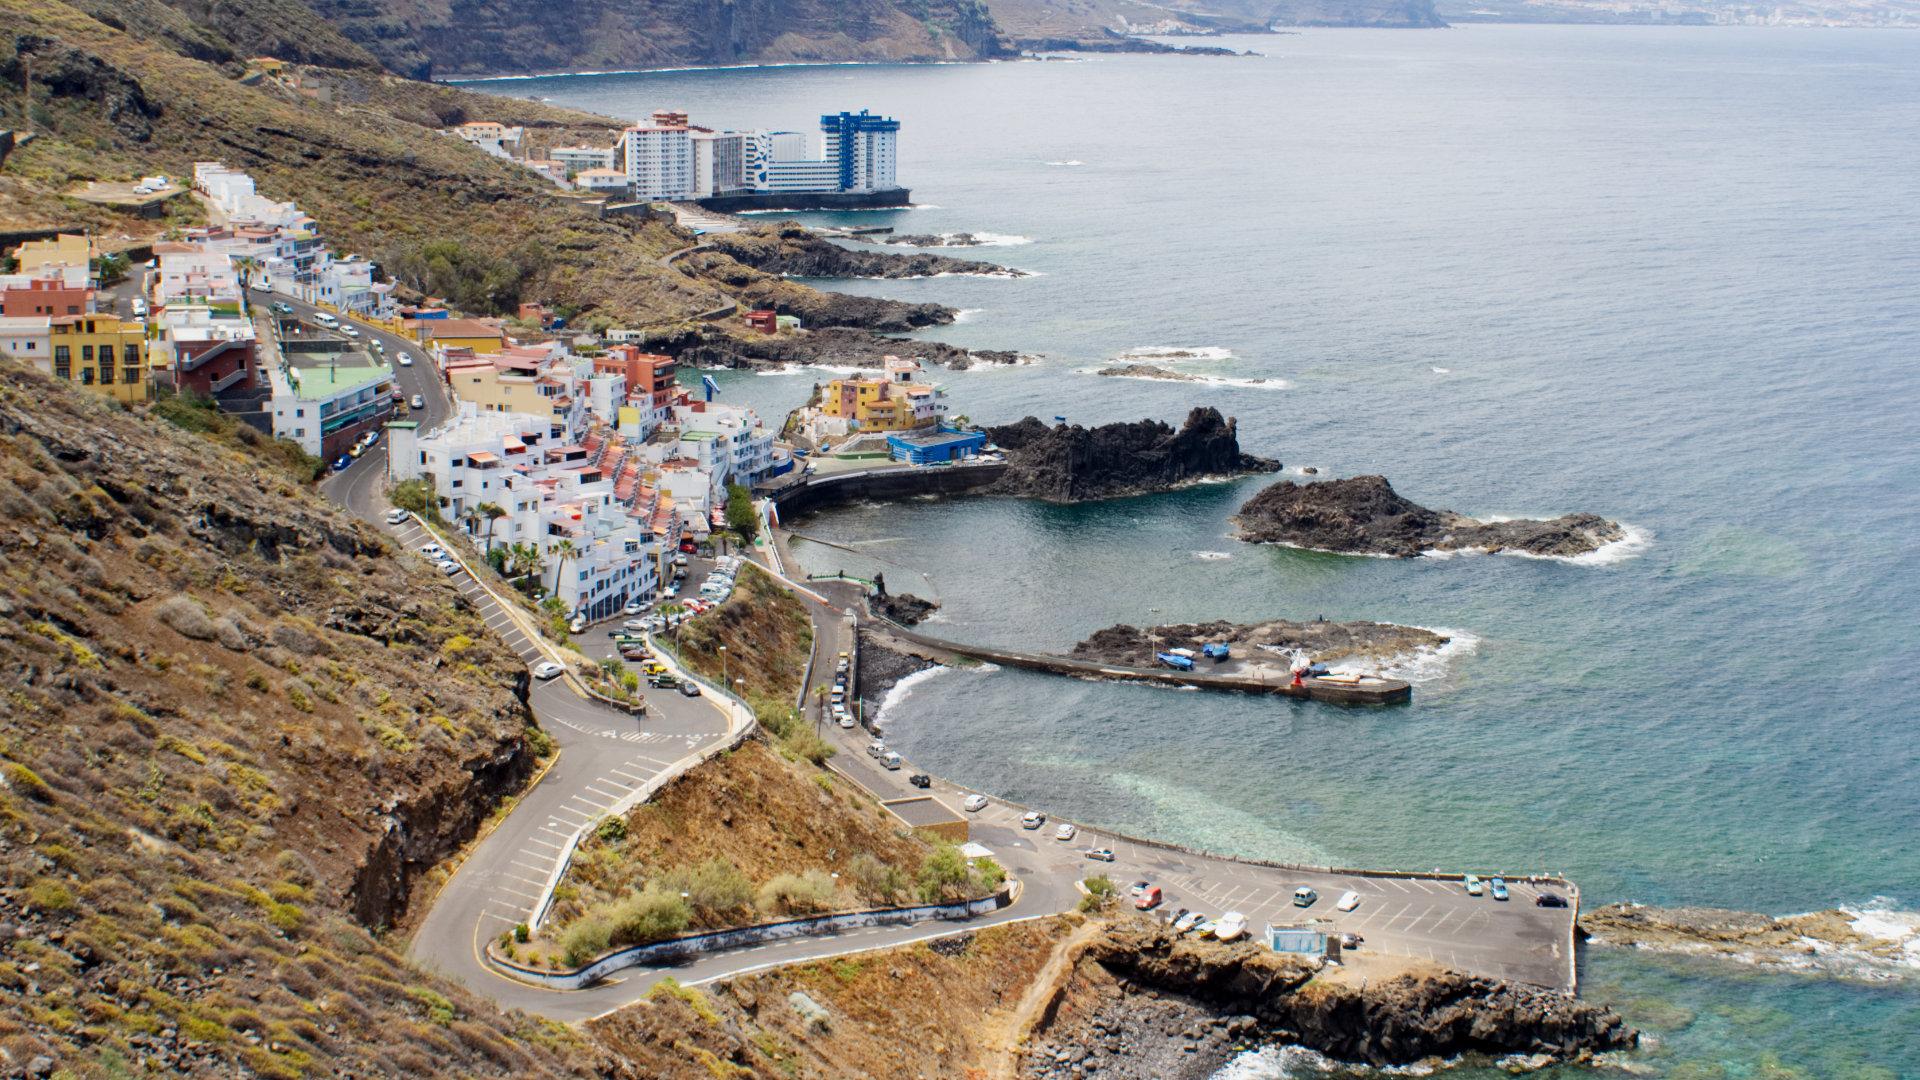 PRIS Tenerife